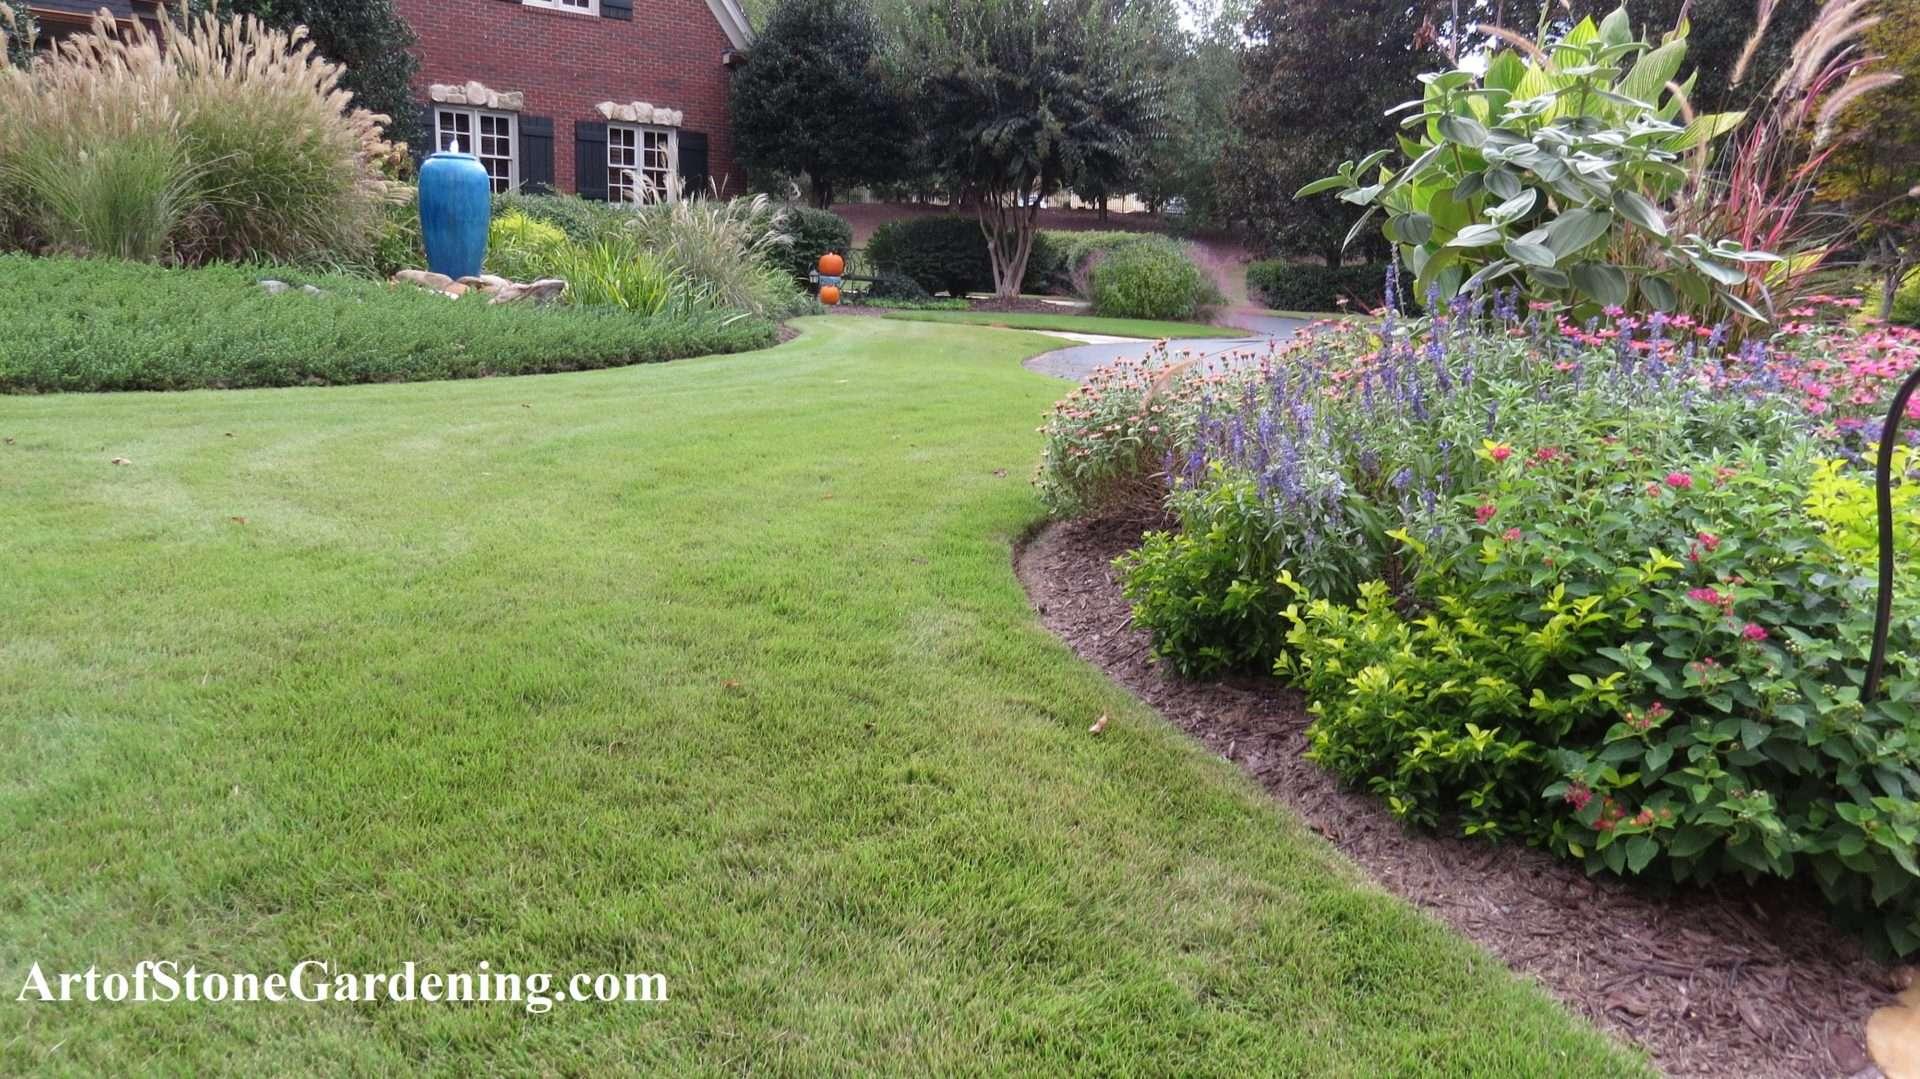 Edging landscape beds